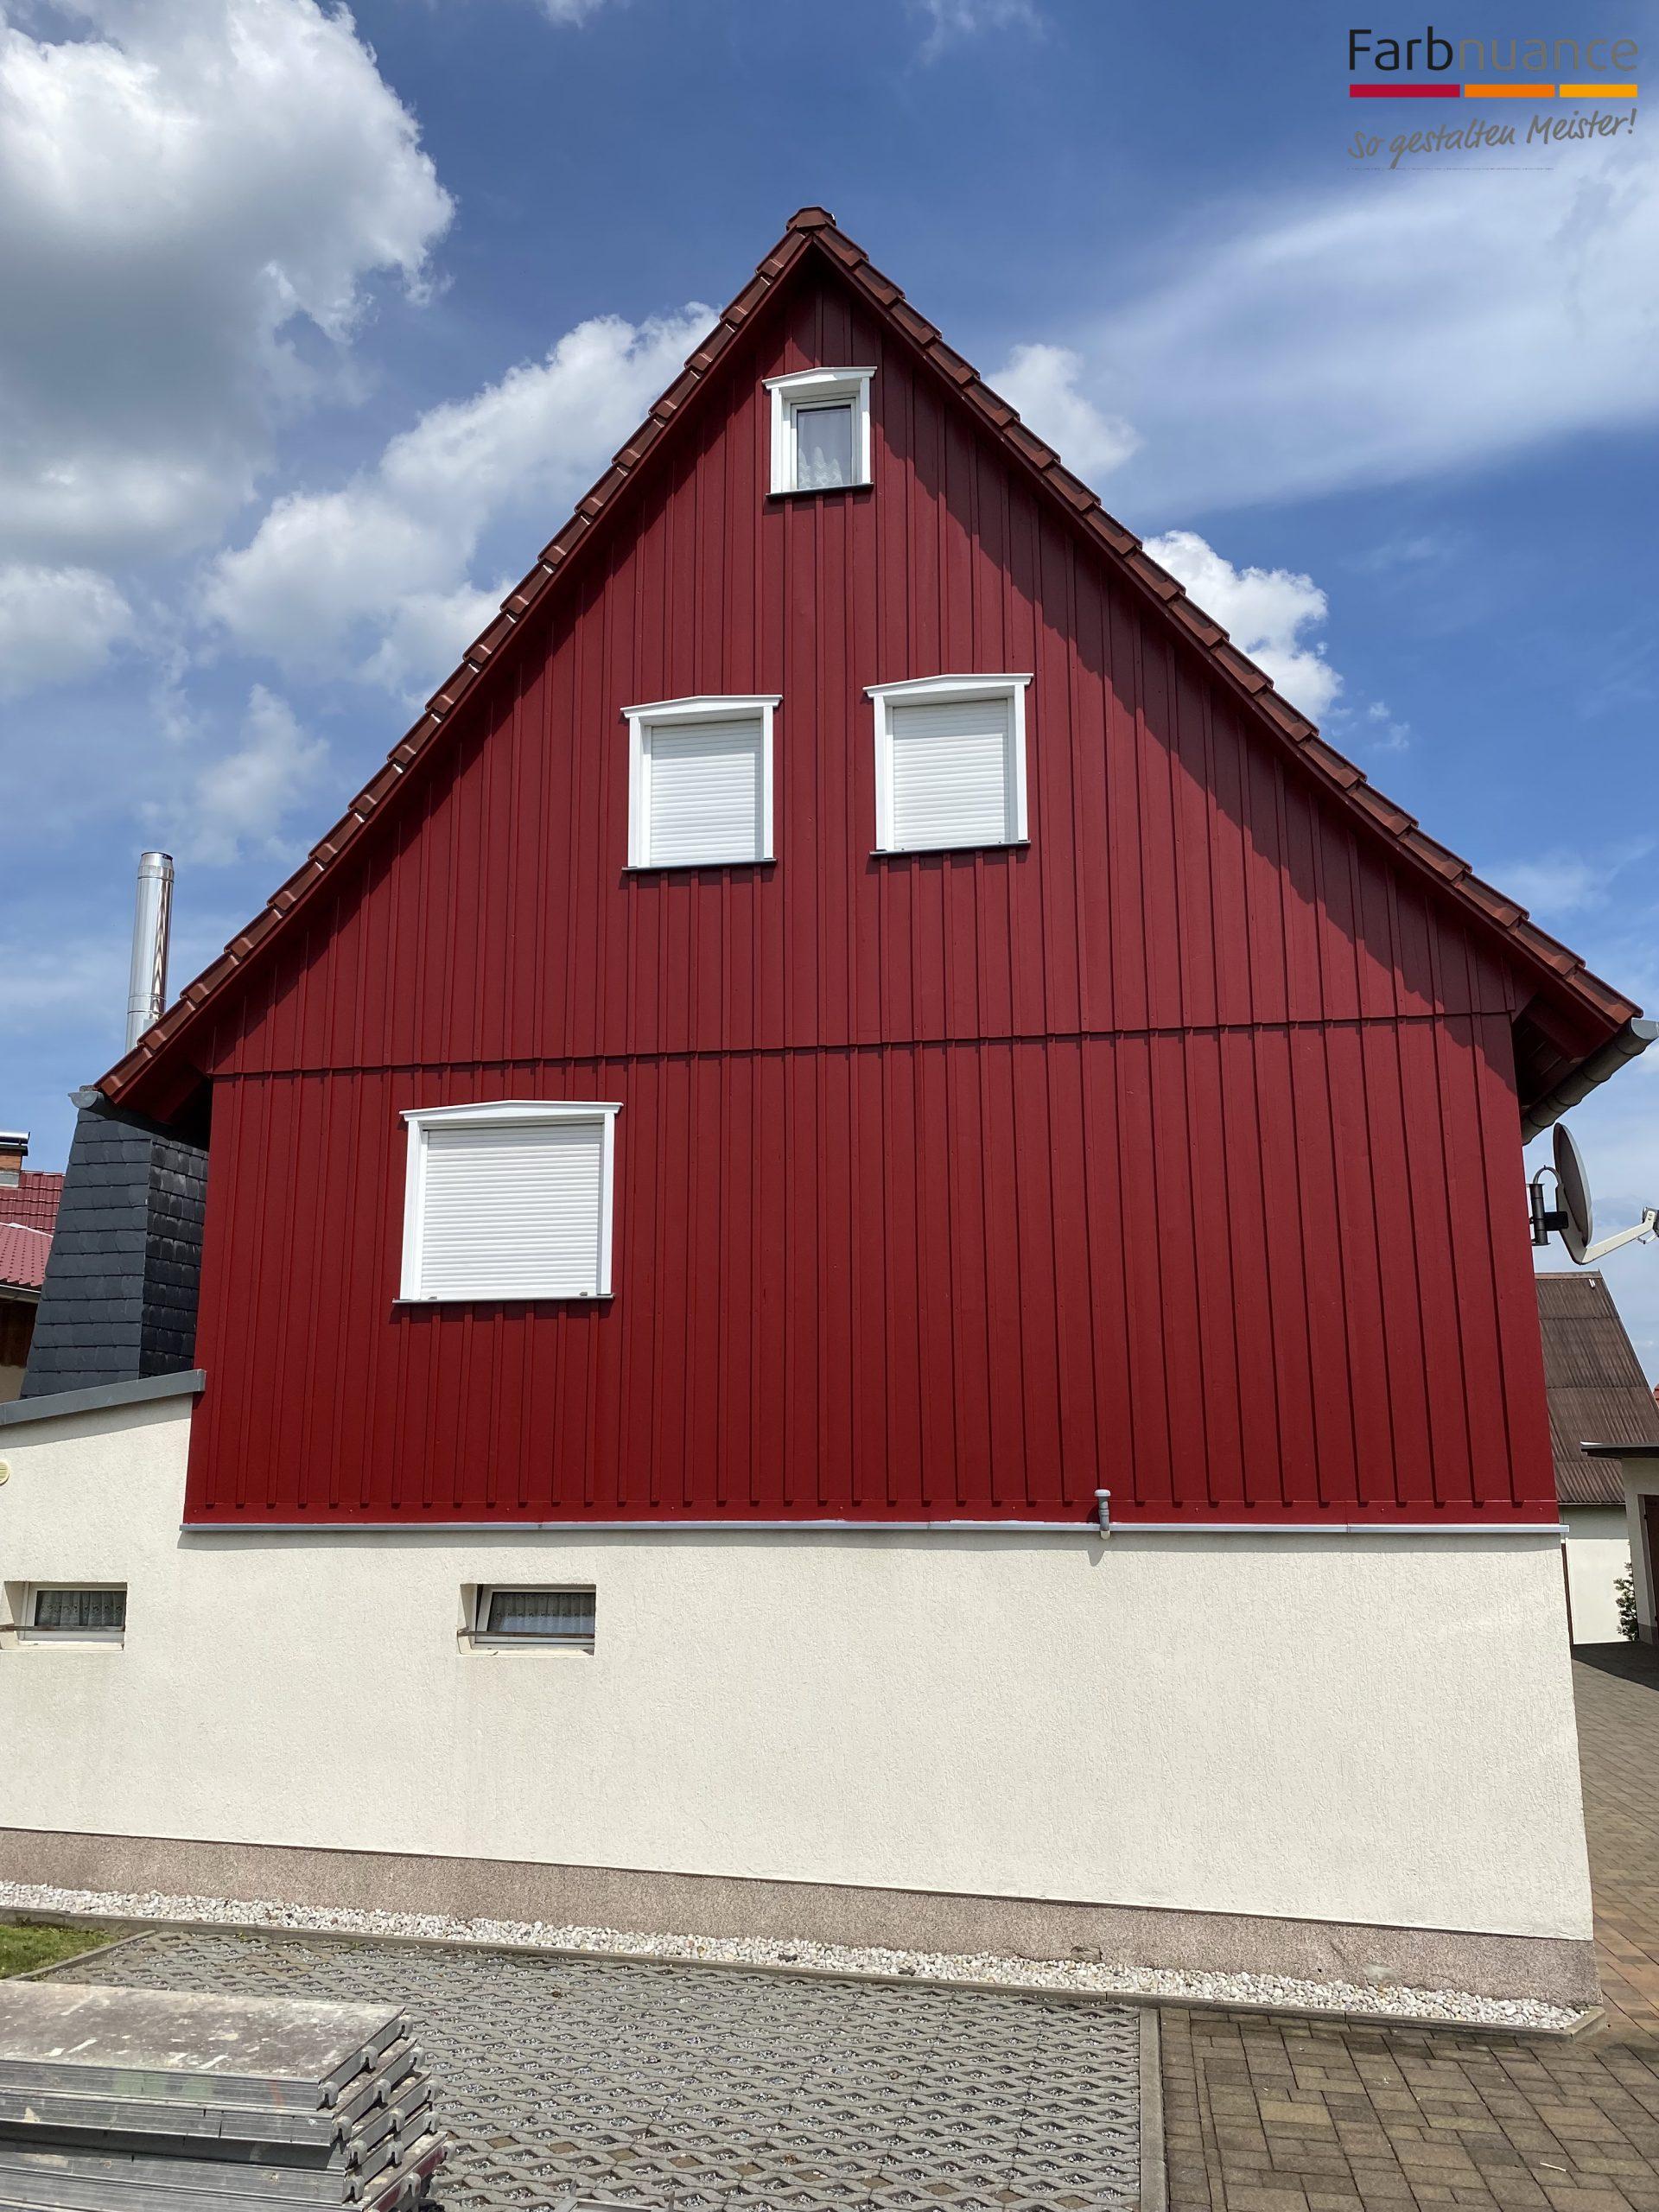 Porschdorf,Farbnuance, Maler,Malerfirma, Holzanstrich,Fassade,Gerüst (2)